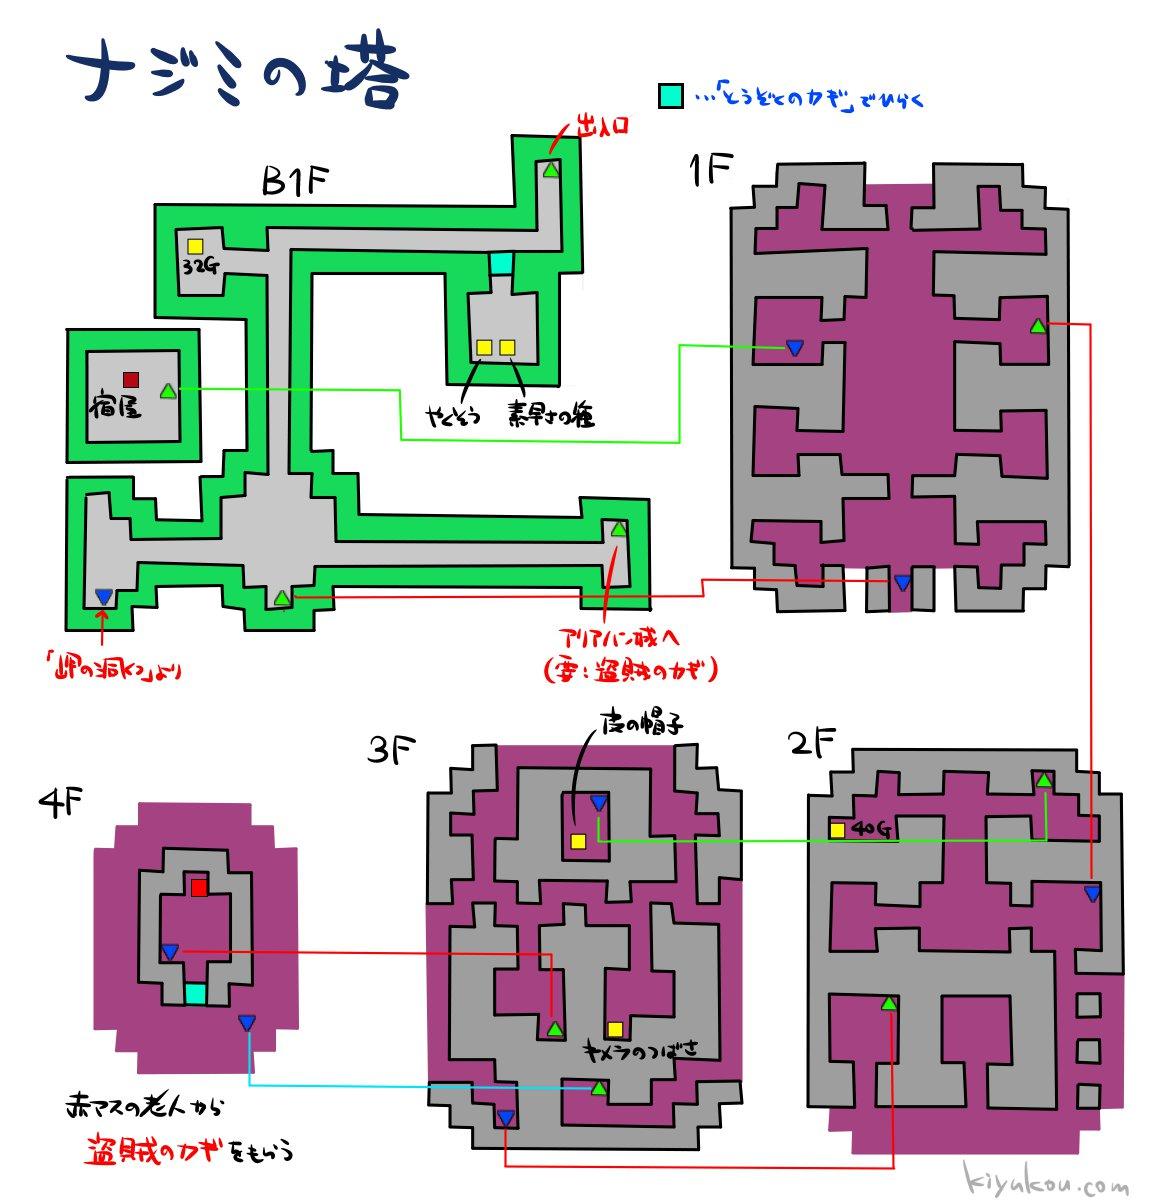 ドラゴンクエスト3のナジミの塔のダンジョンマップ